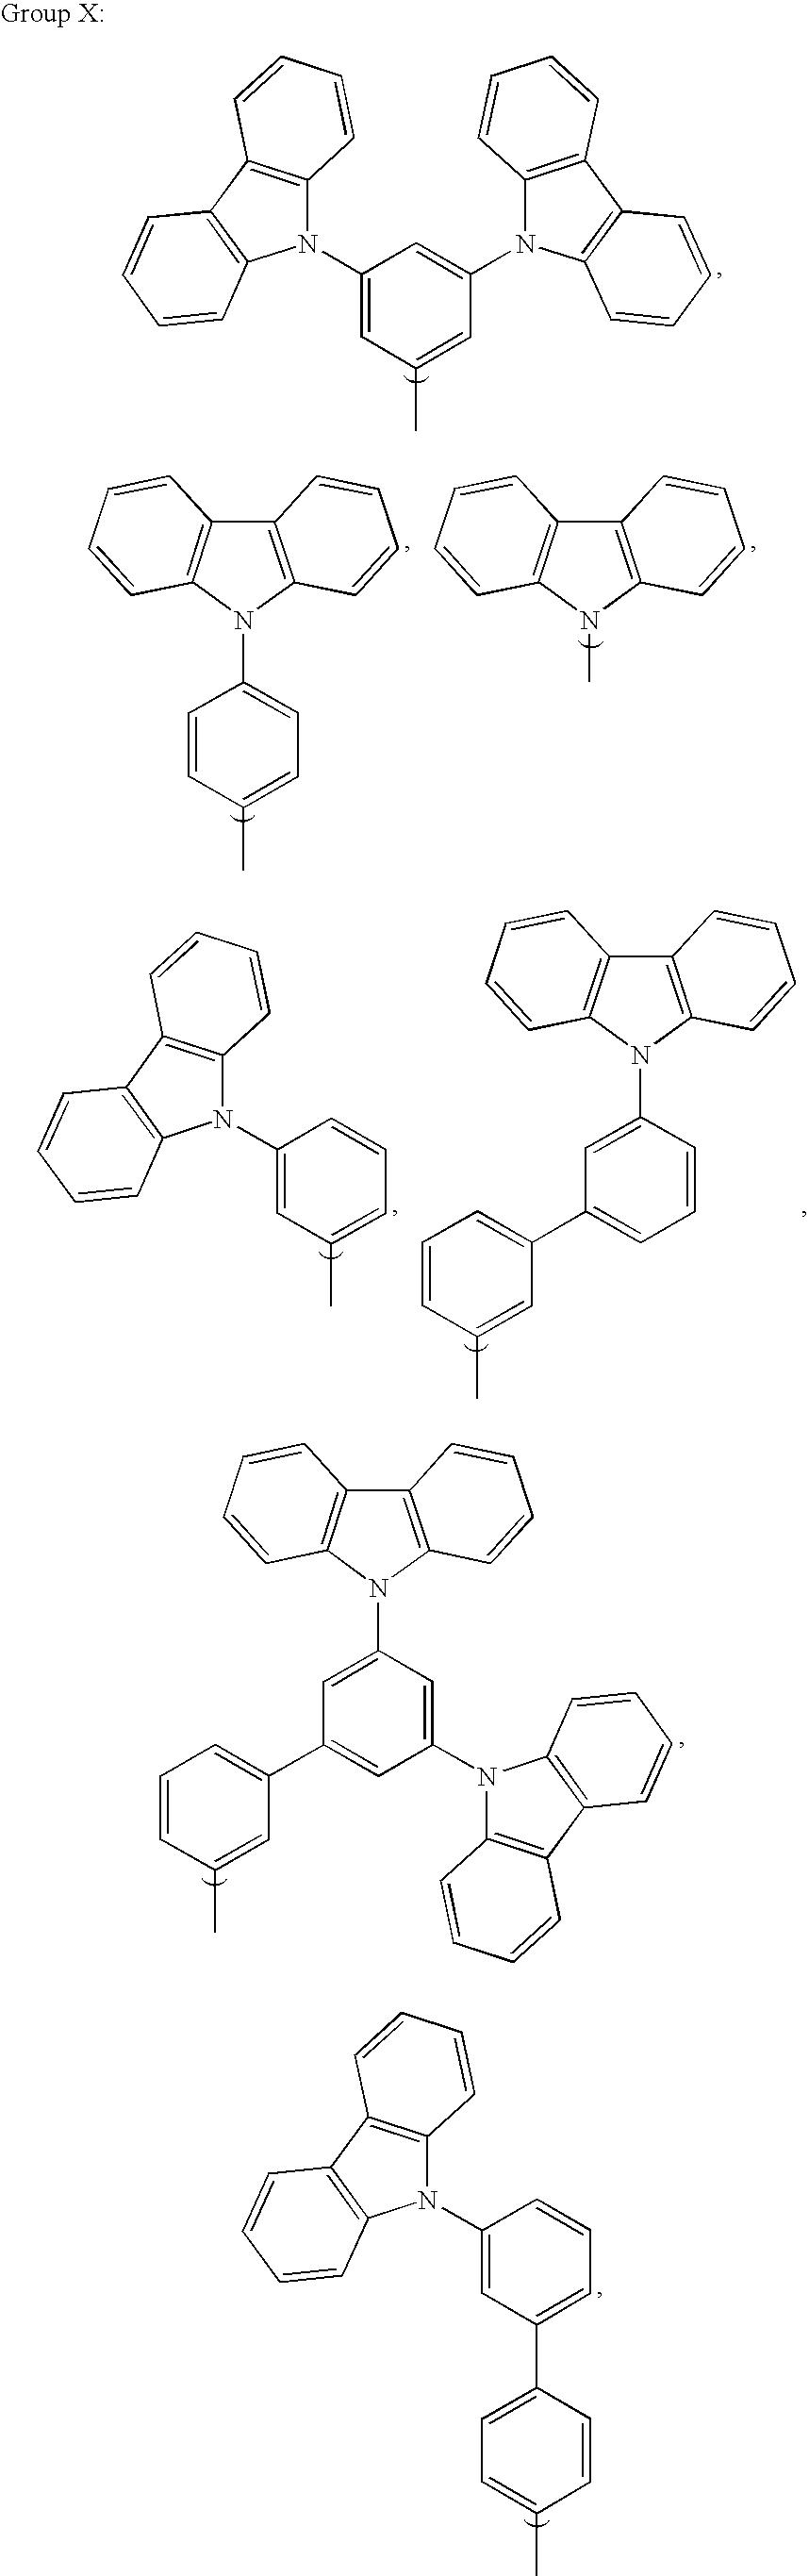 Figure US20080280163A1-20081113-C00003